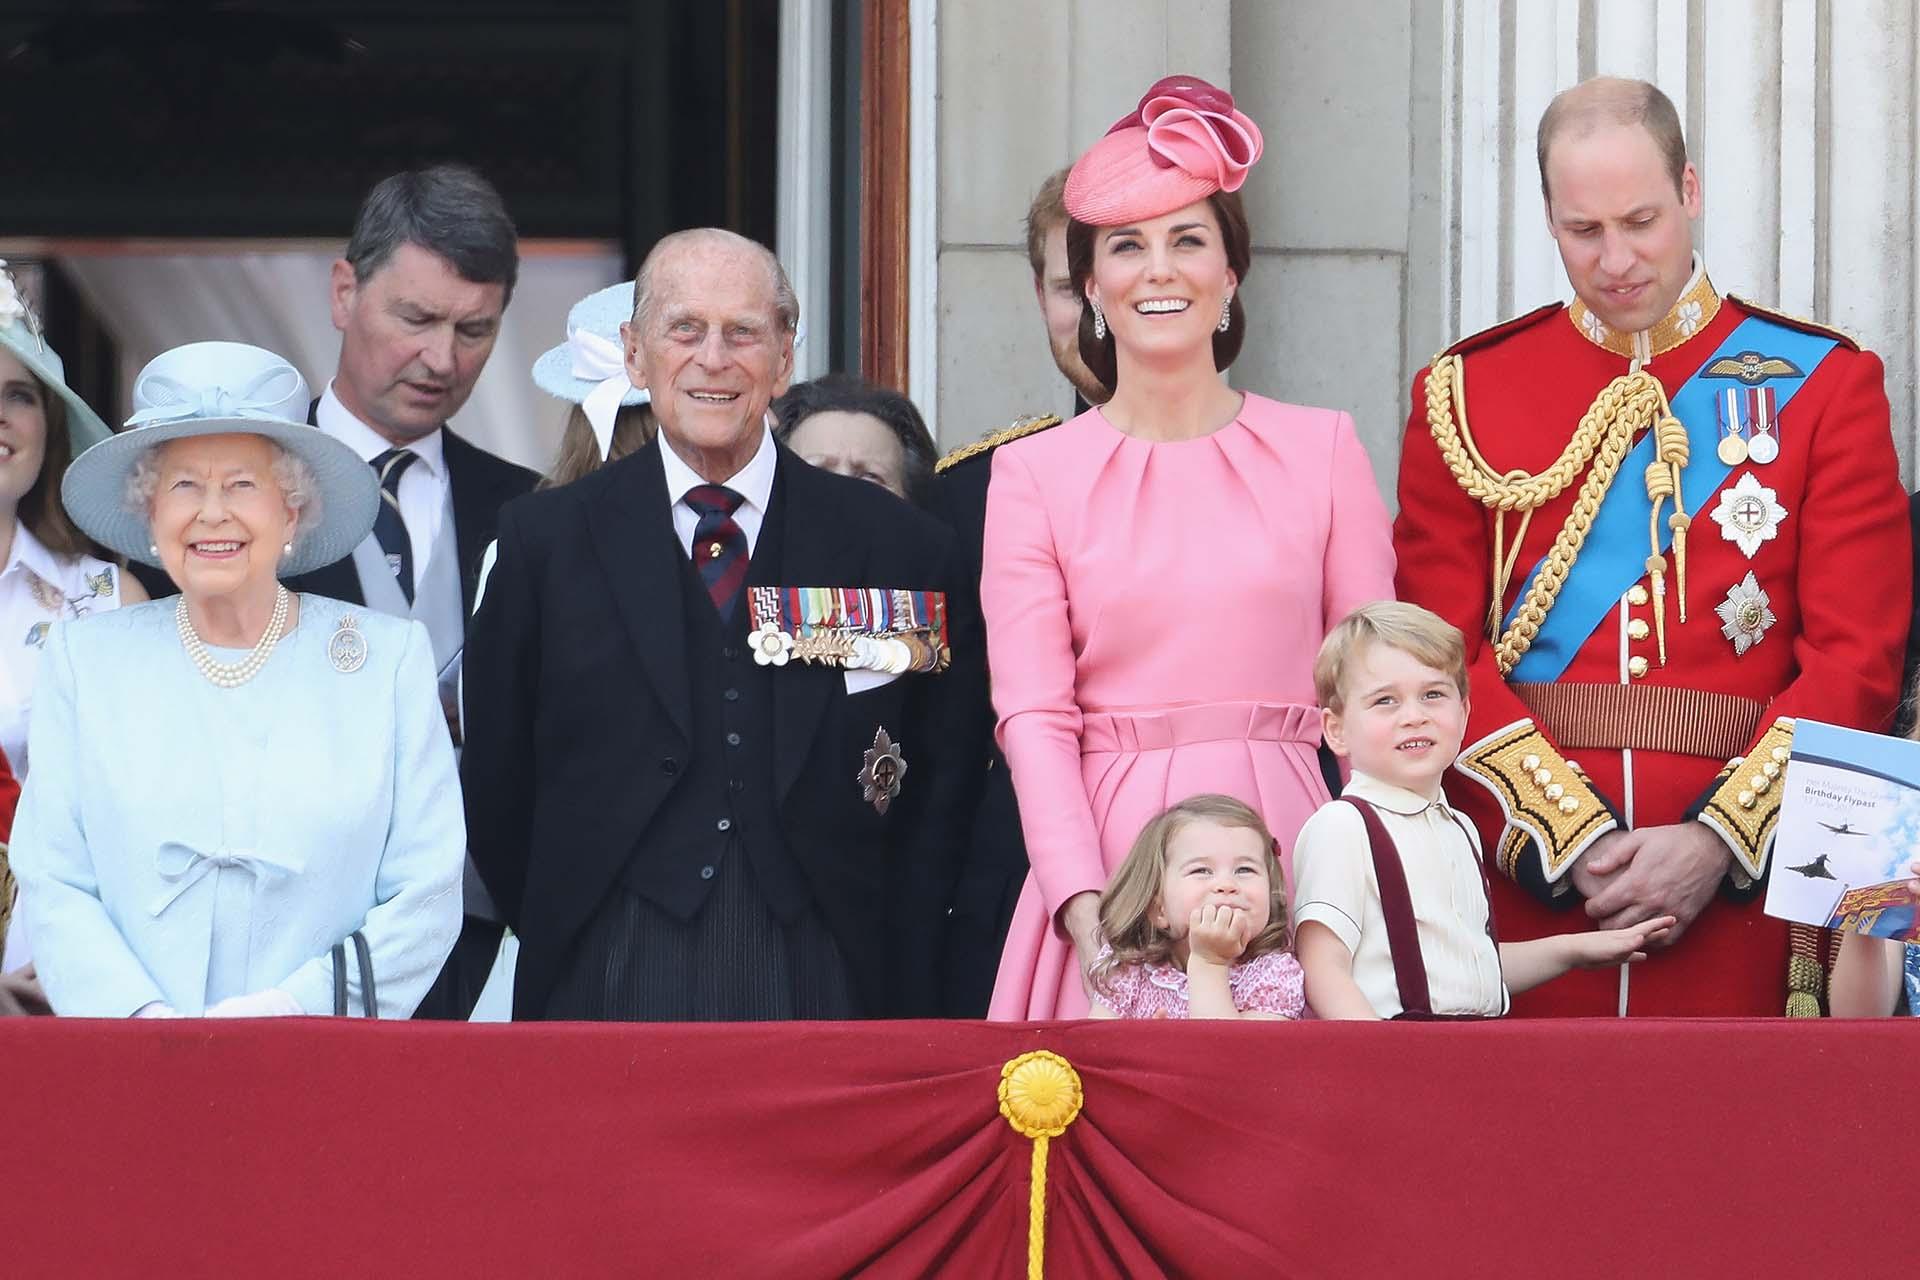 Catalina y Guillermo, duques de Cambridge, también estuvieron presentes junto a sus hijos